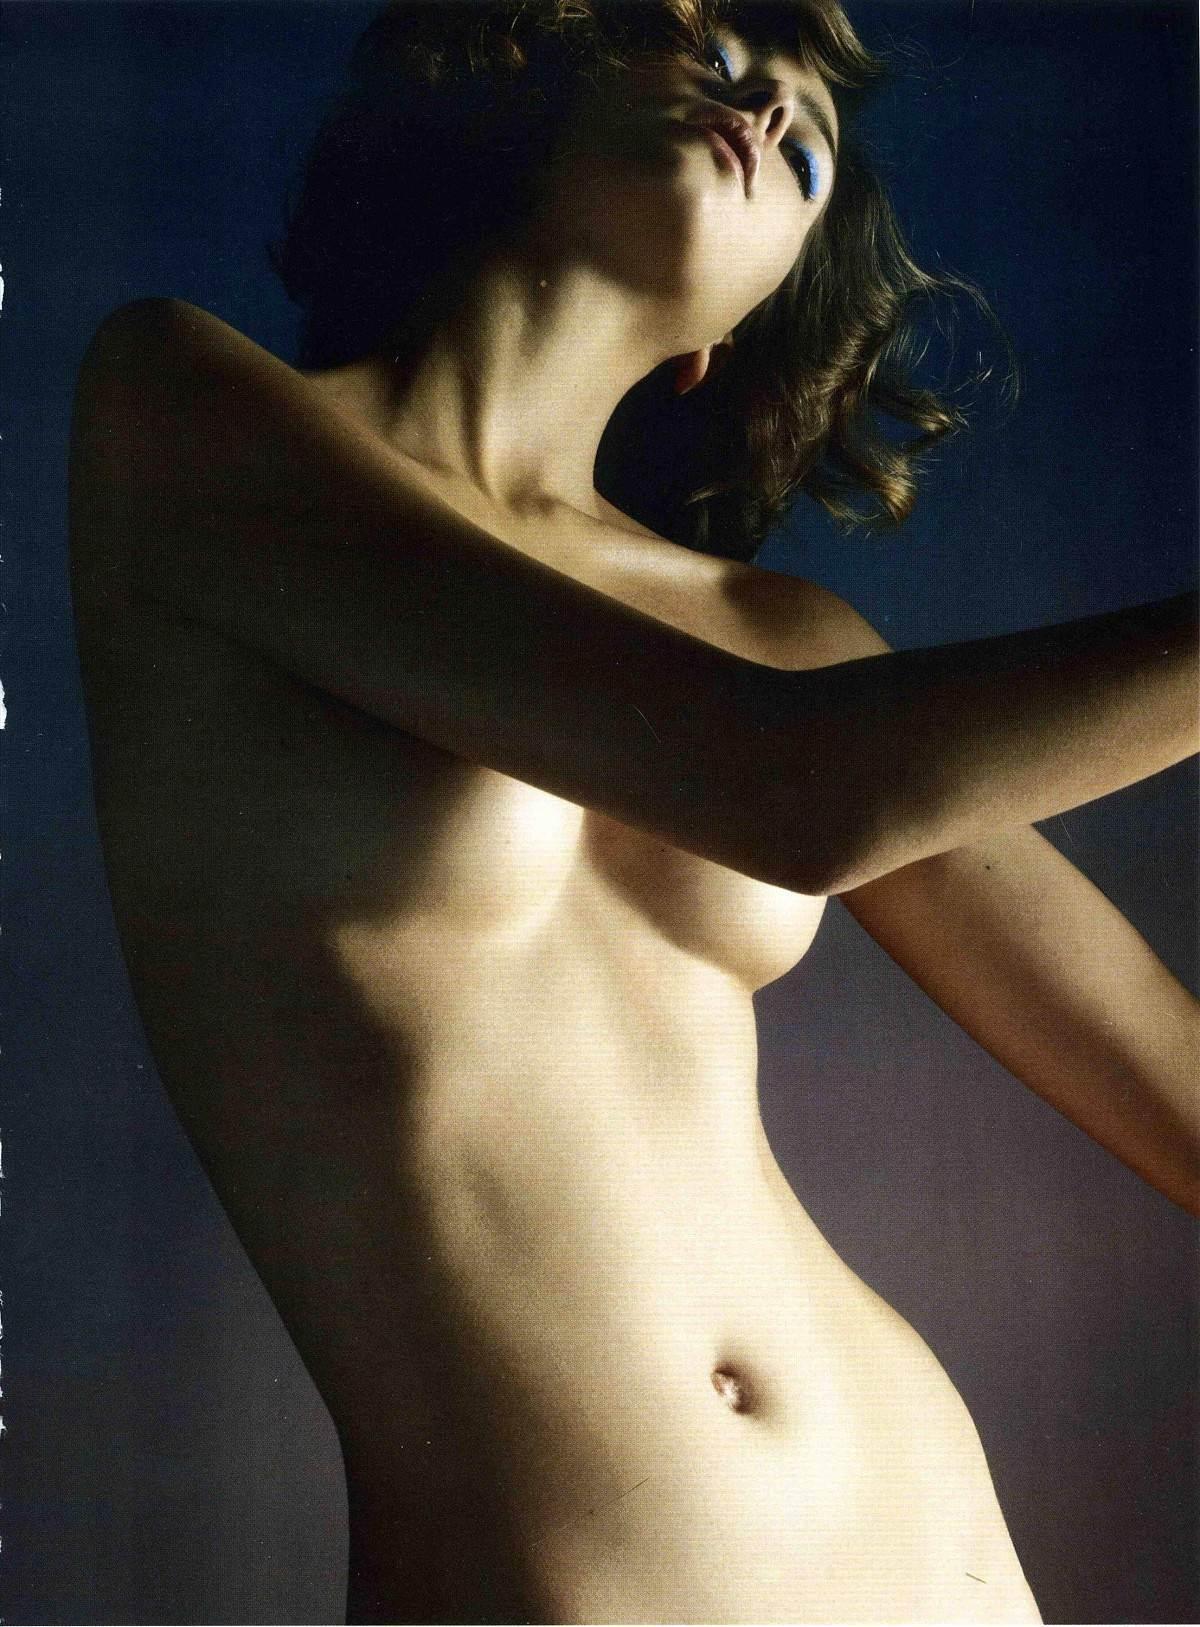 【外人】フランス人スーパーモデルのモルガン・デュブレ(Morgane Dubled)がファッション誌で乳首をさらるおっぱいポルノ画像 2376